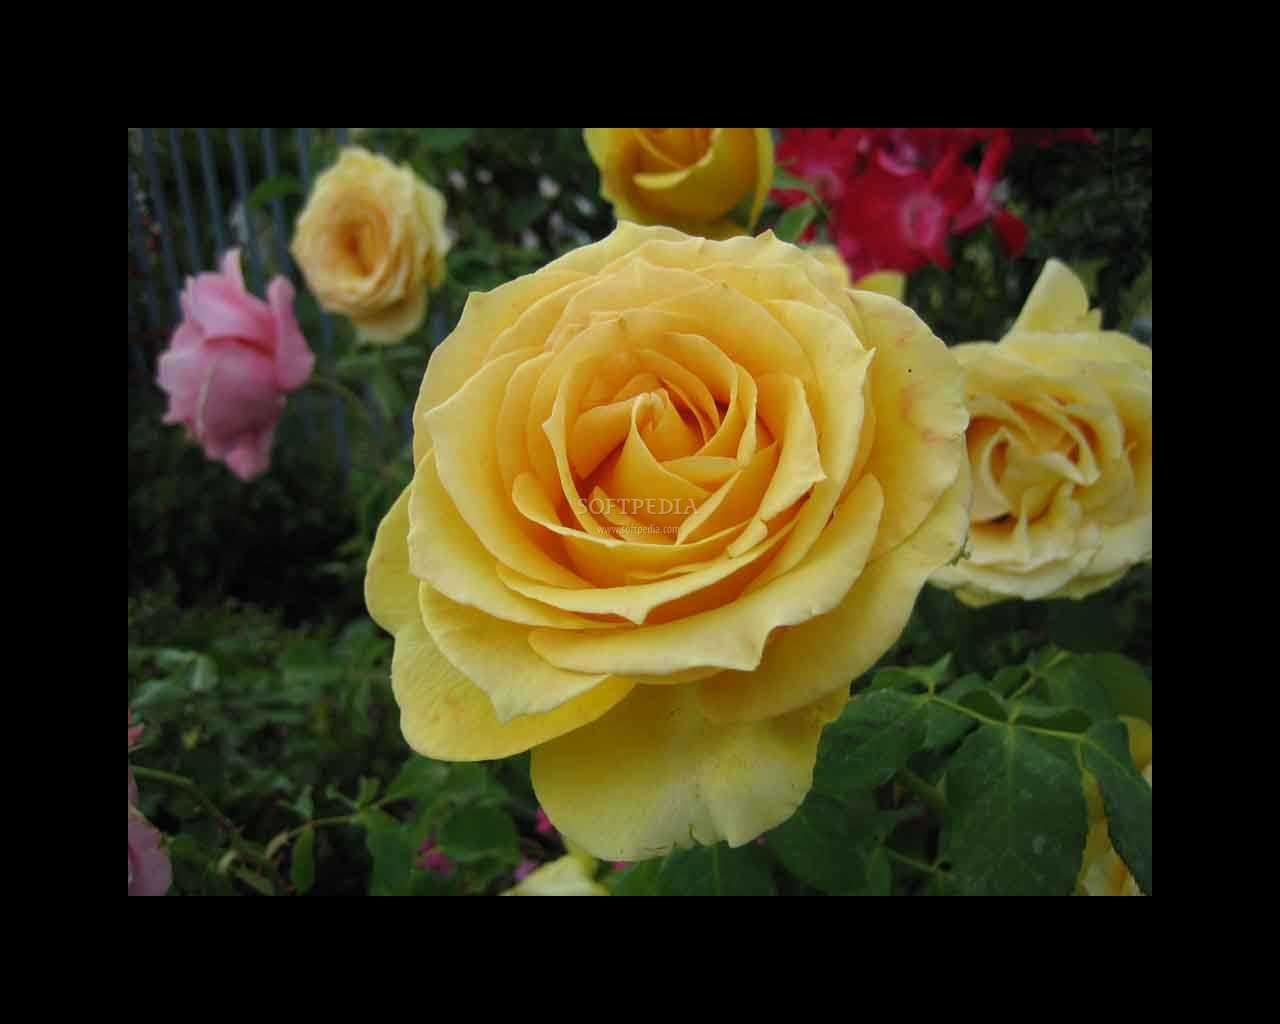 Download rose screensaver3 1 0 - Rose screensaver ...